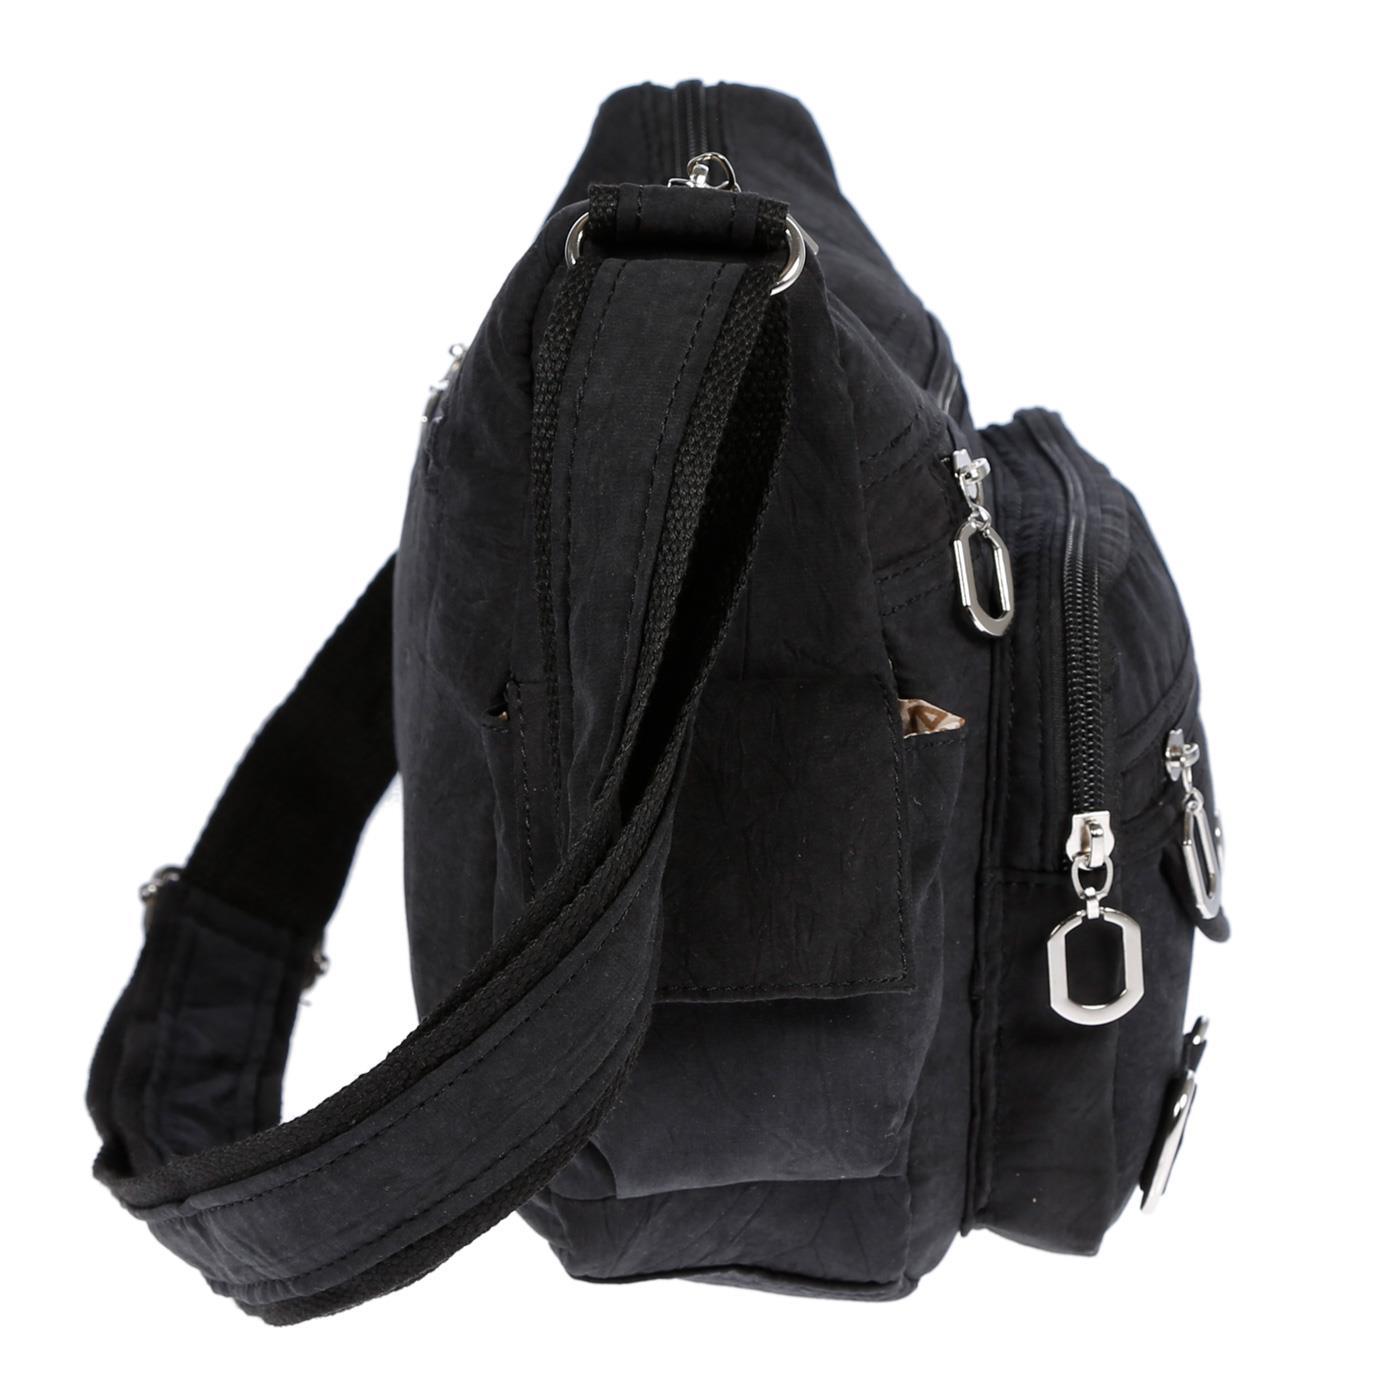 Damenhandtasche-Schultertasche-Tasche-Umhaengetasche-Canvas-Shopper-Crossover-Bag Indexbild 5